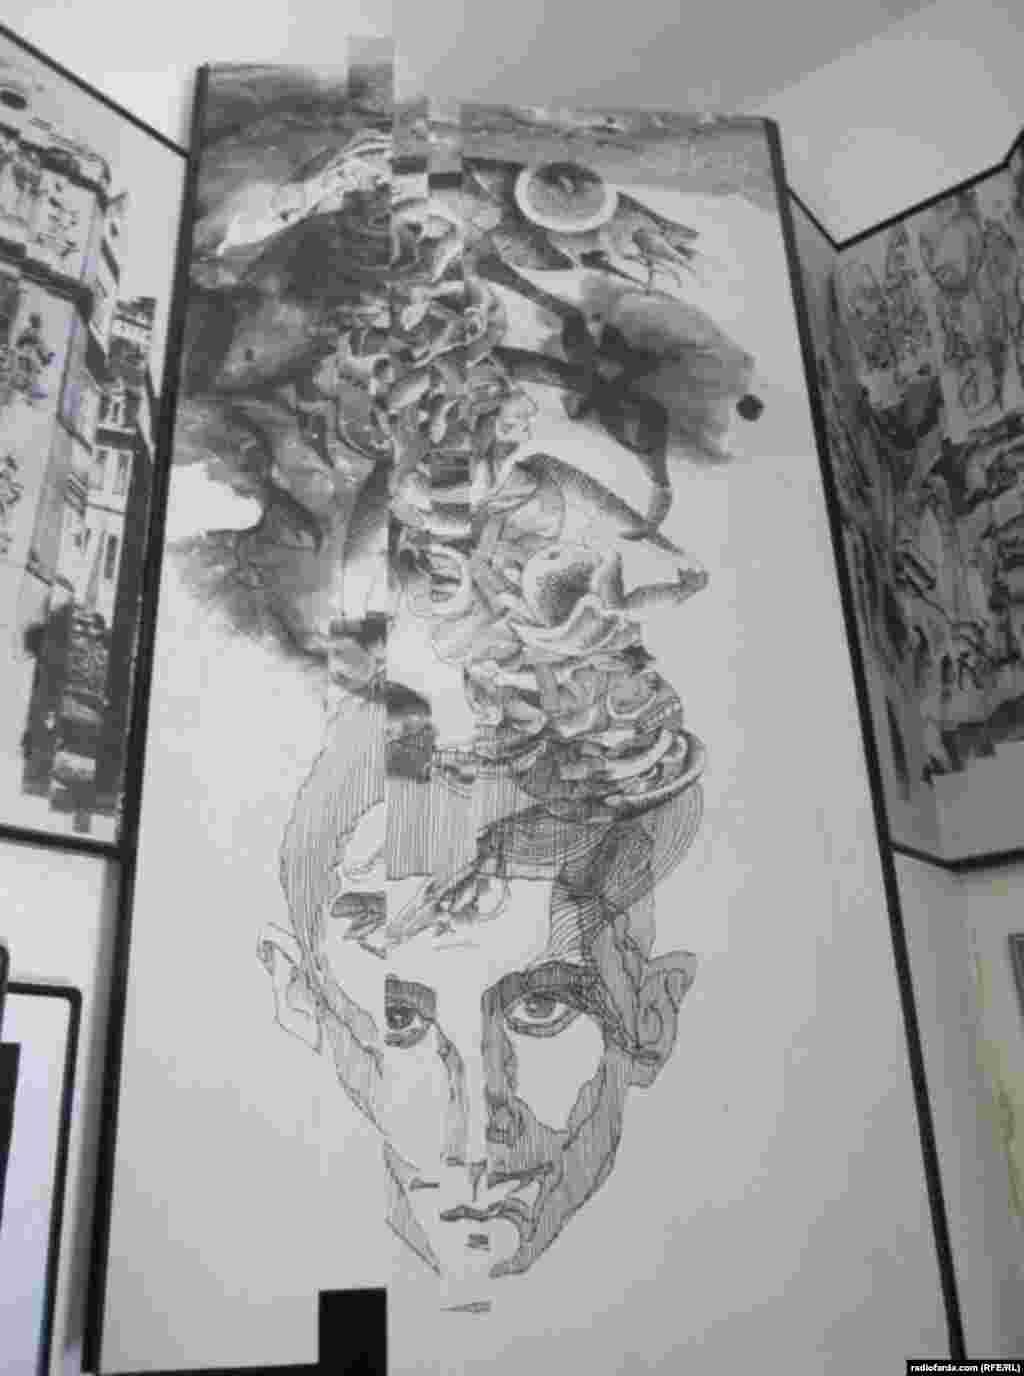 نقاشیهای سیاهقلم از کافکا که فضای نمایشگاه را به خود اختصاص دادهاند